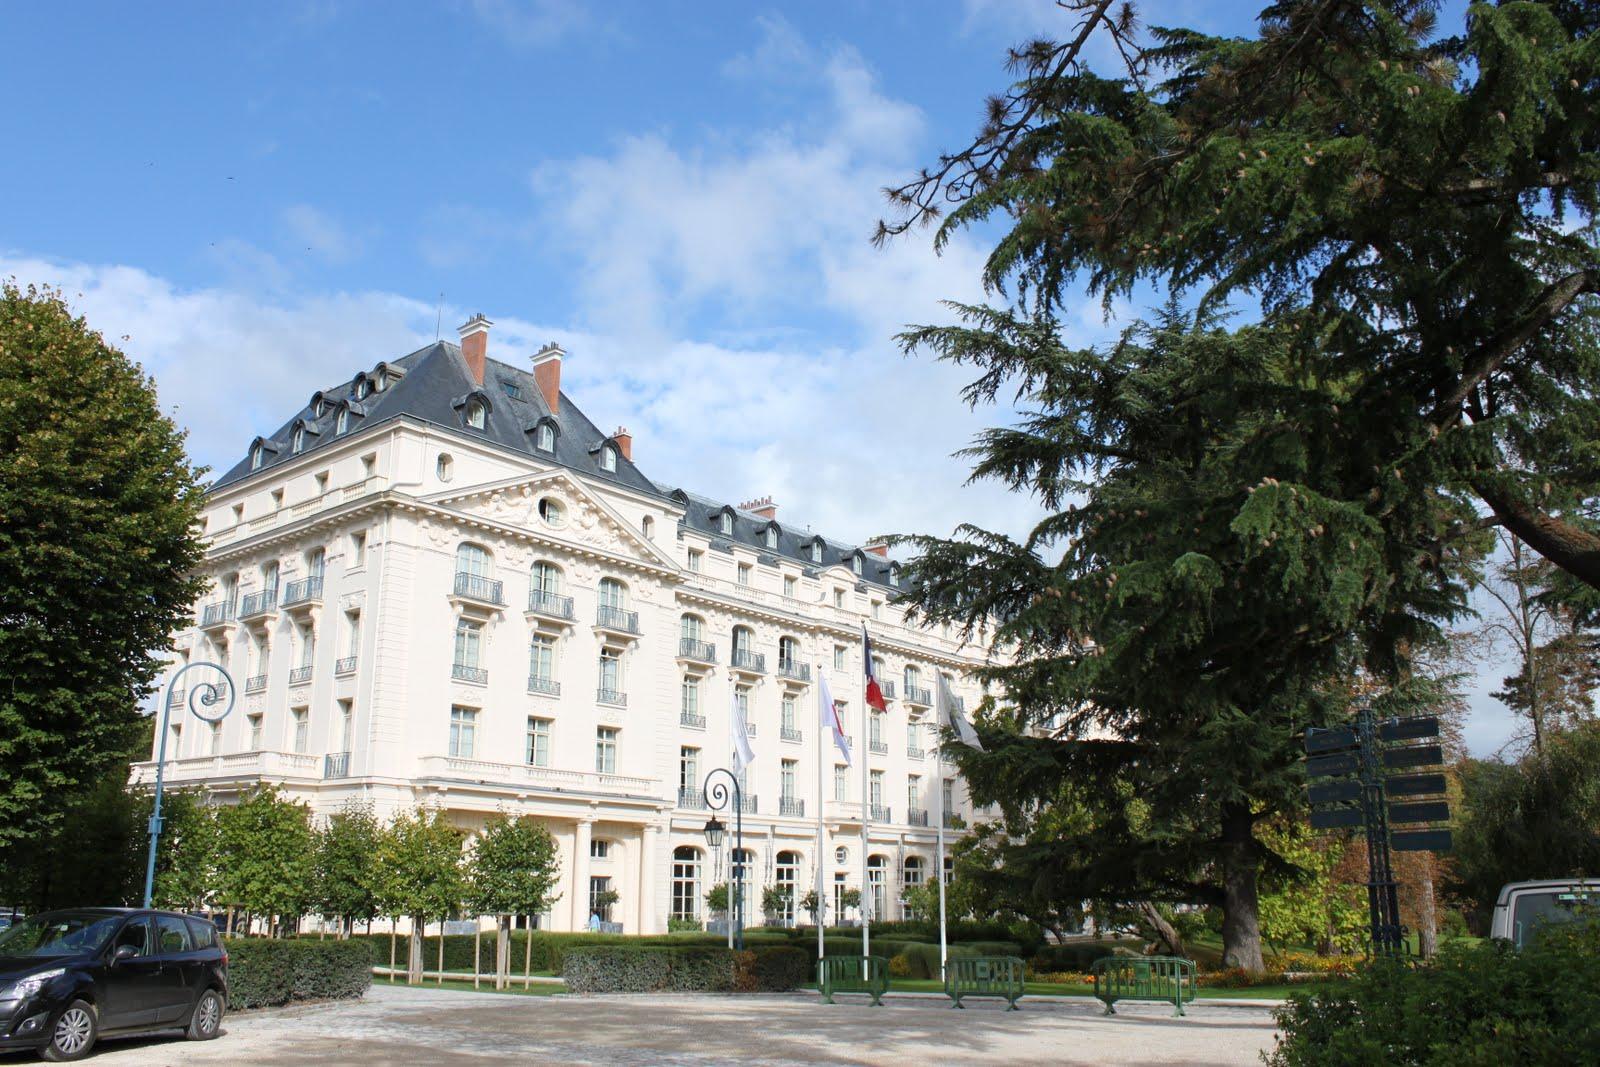 Et caetara le trianon palace - Piscine bassins anniversaire versailles ...